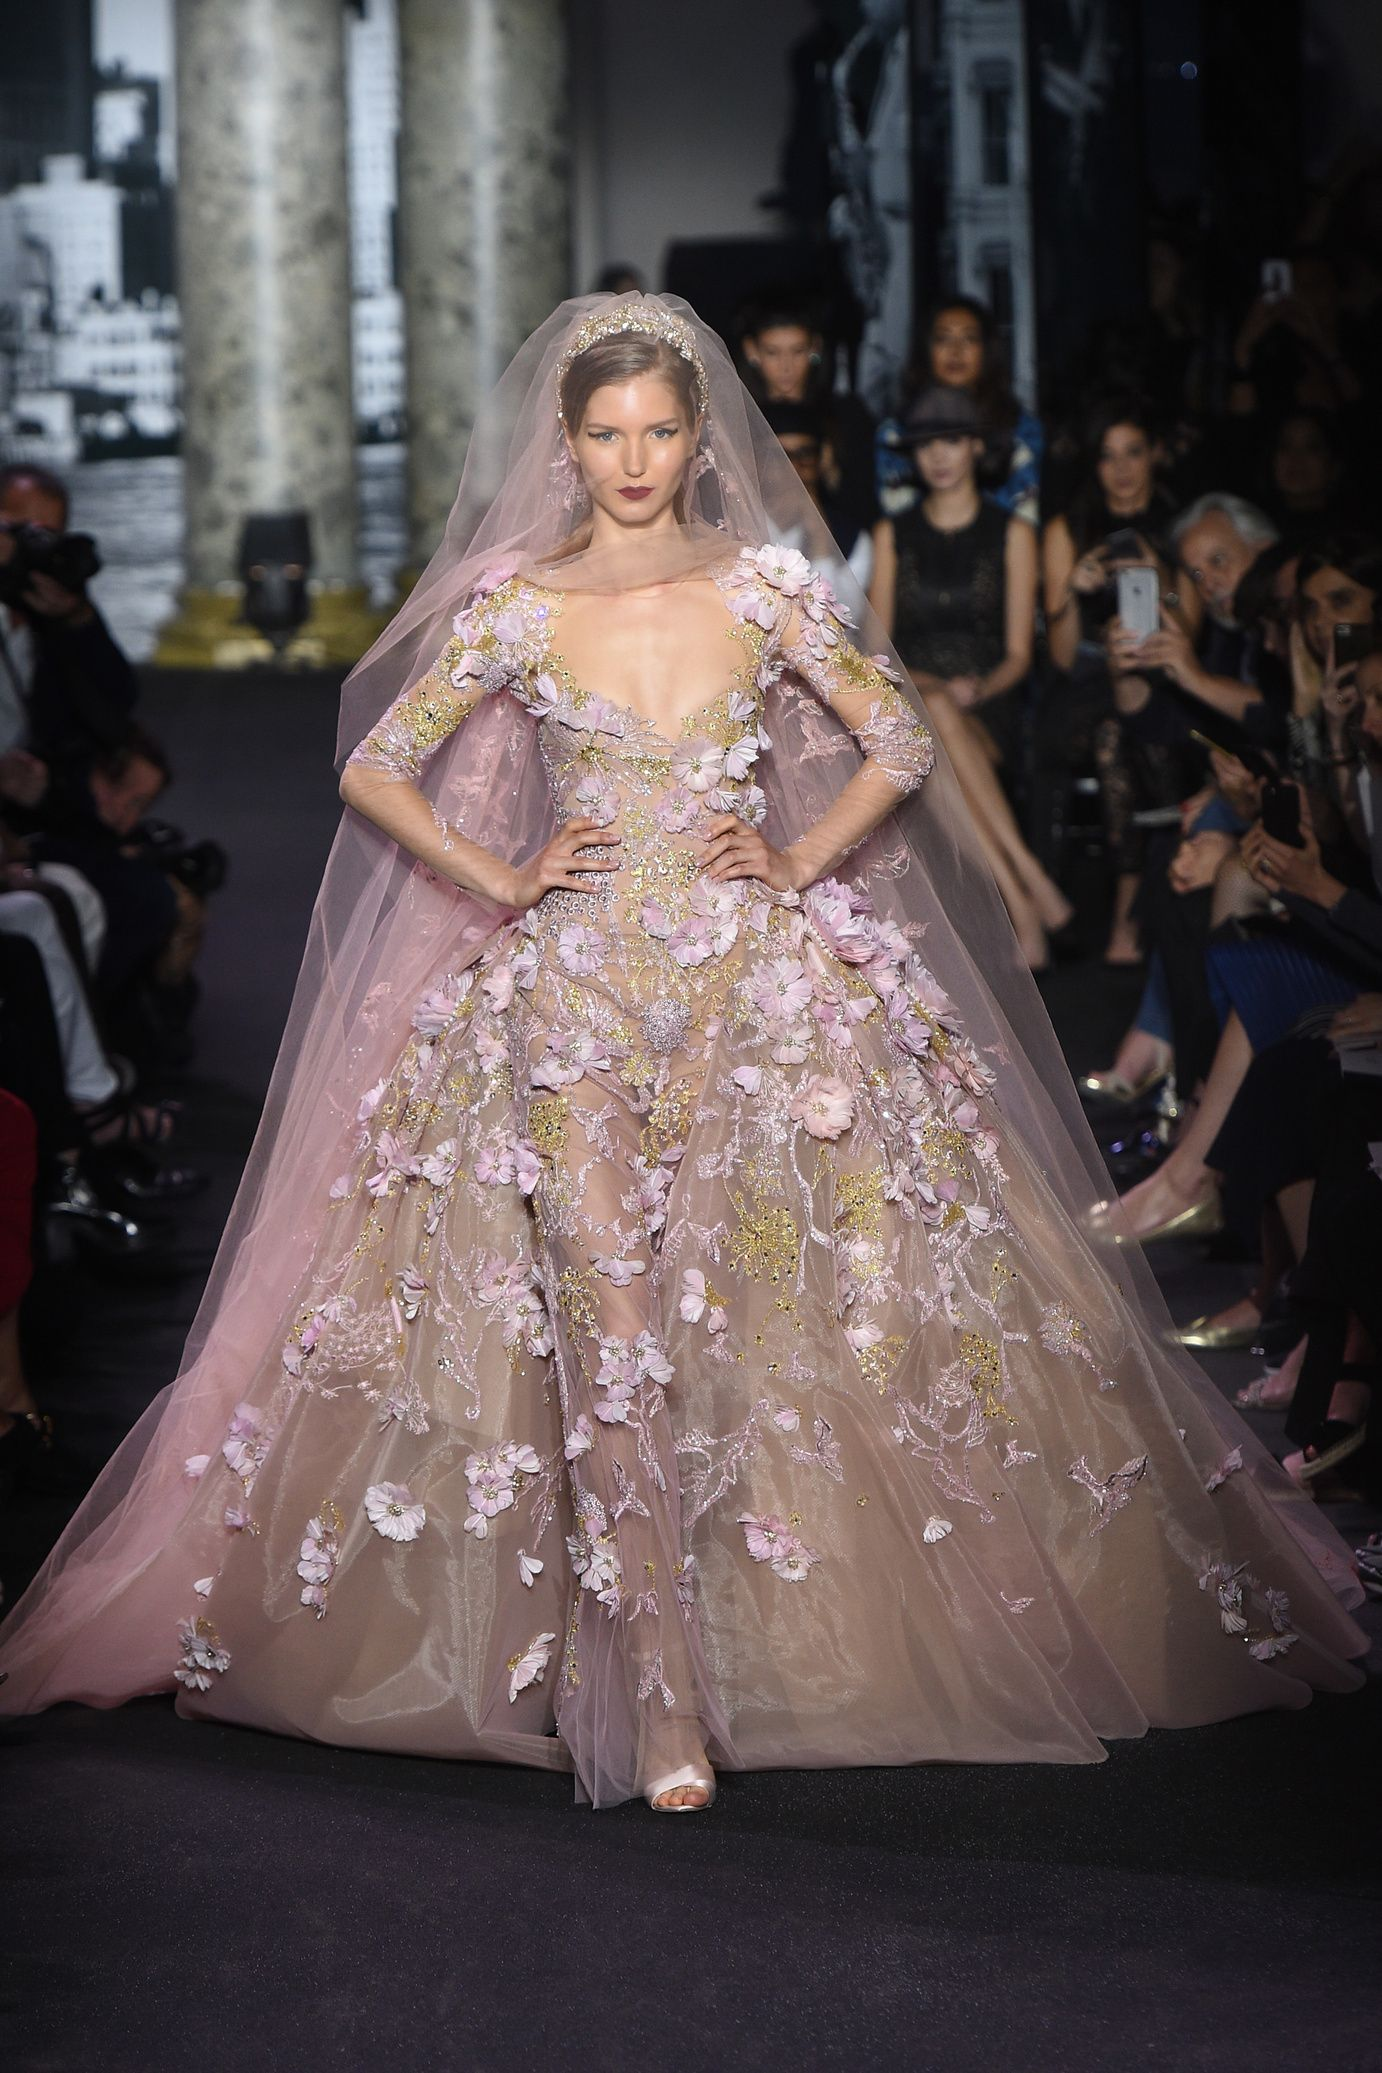 Robe de mariee fashion week 2015